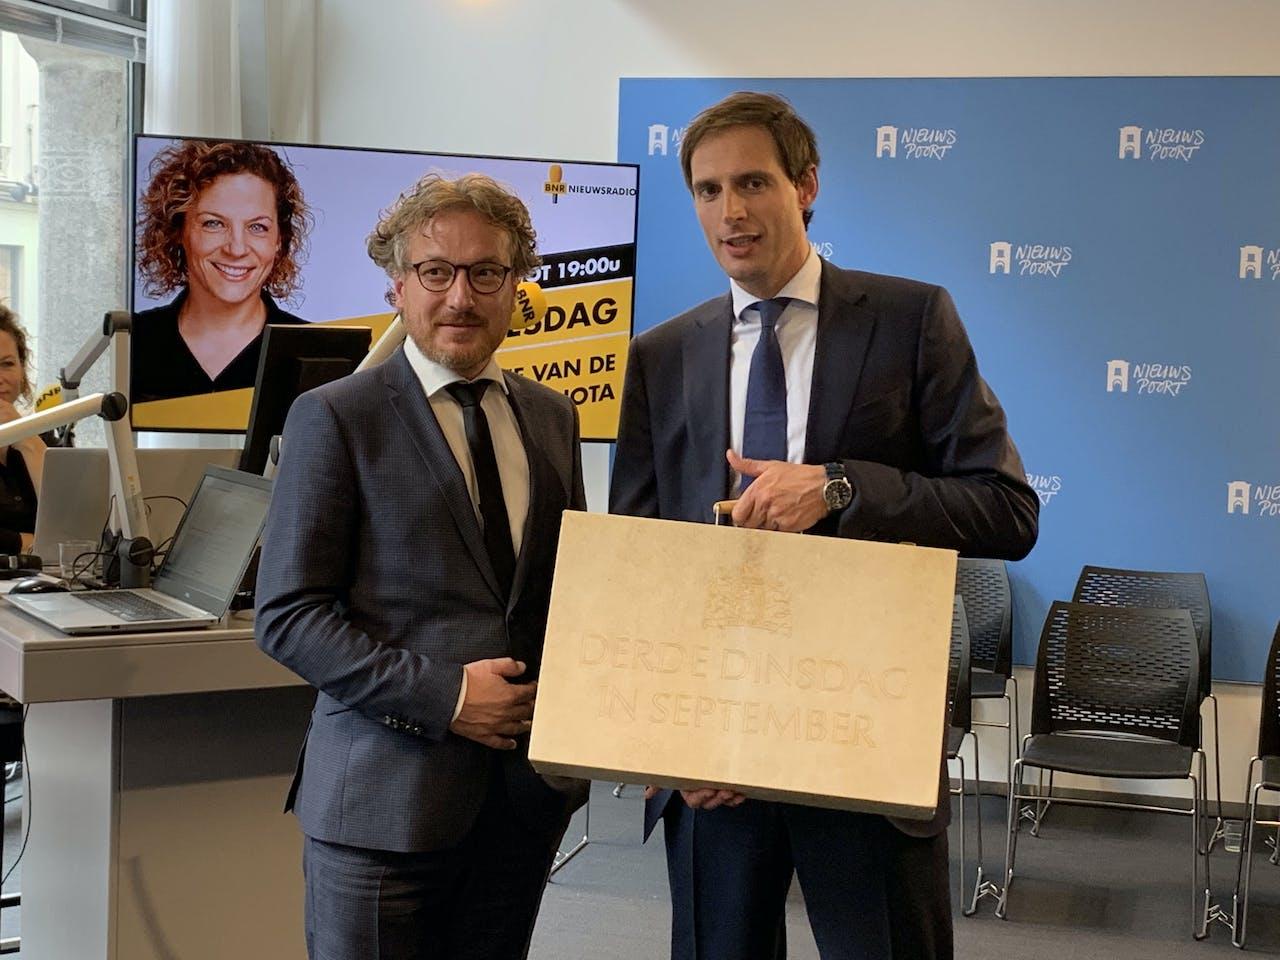 BNR politiek verslaggever Laurens Boven en minister van Financiën Wopke Hoekstra met het koffertje van de Miljoenennota.